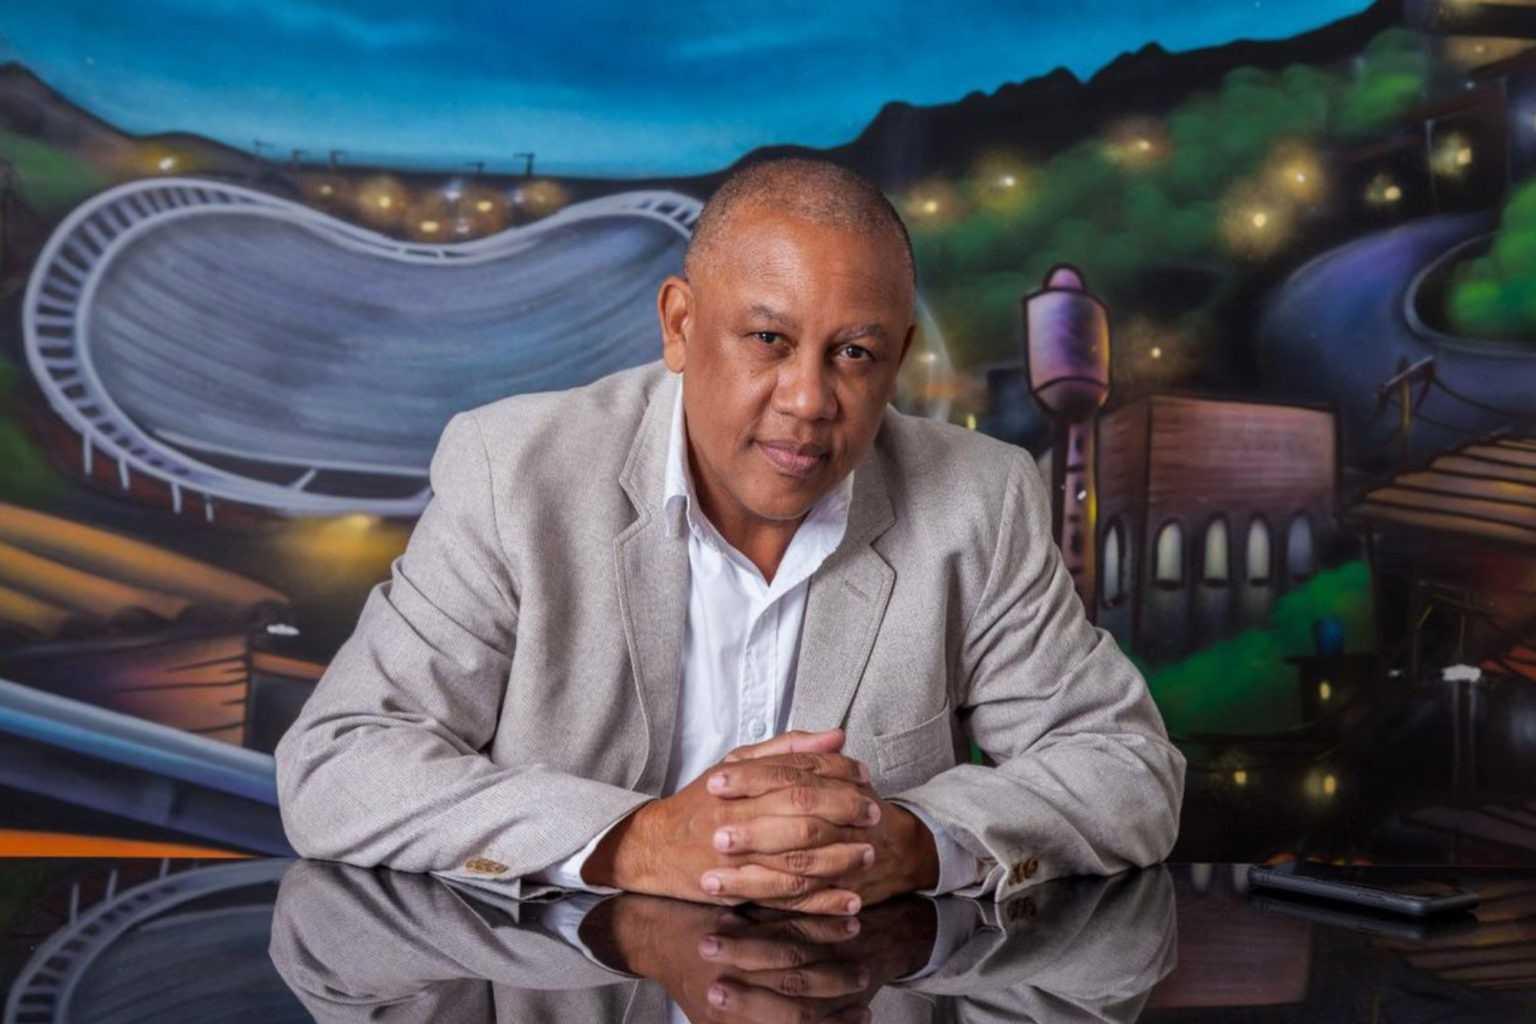 Celso Athayde: Fundador da Central Única das Favela criou a primeira holding social do mundo, grupo que fez p parcerias com empresas como Natura, Rede Globo, Facebook, Light e Mastercard, entre outros. Foto: Divulgação /CUFA